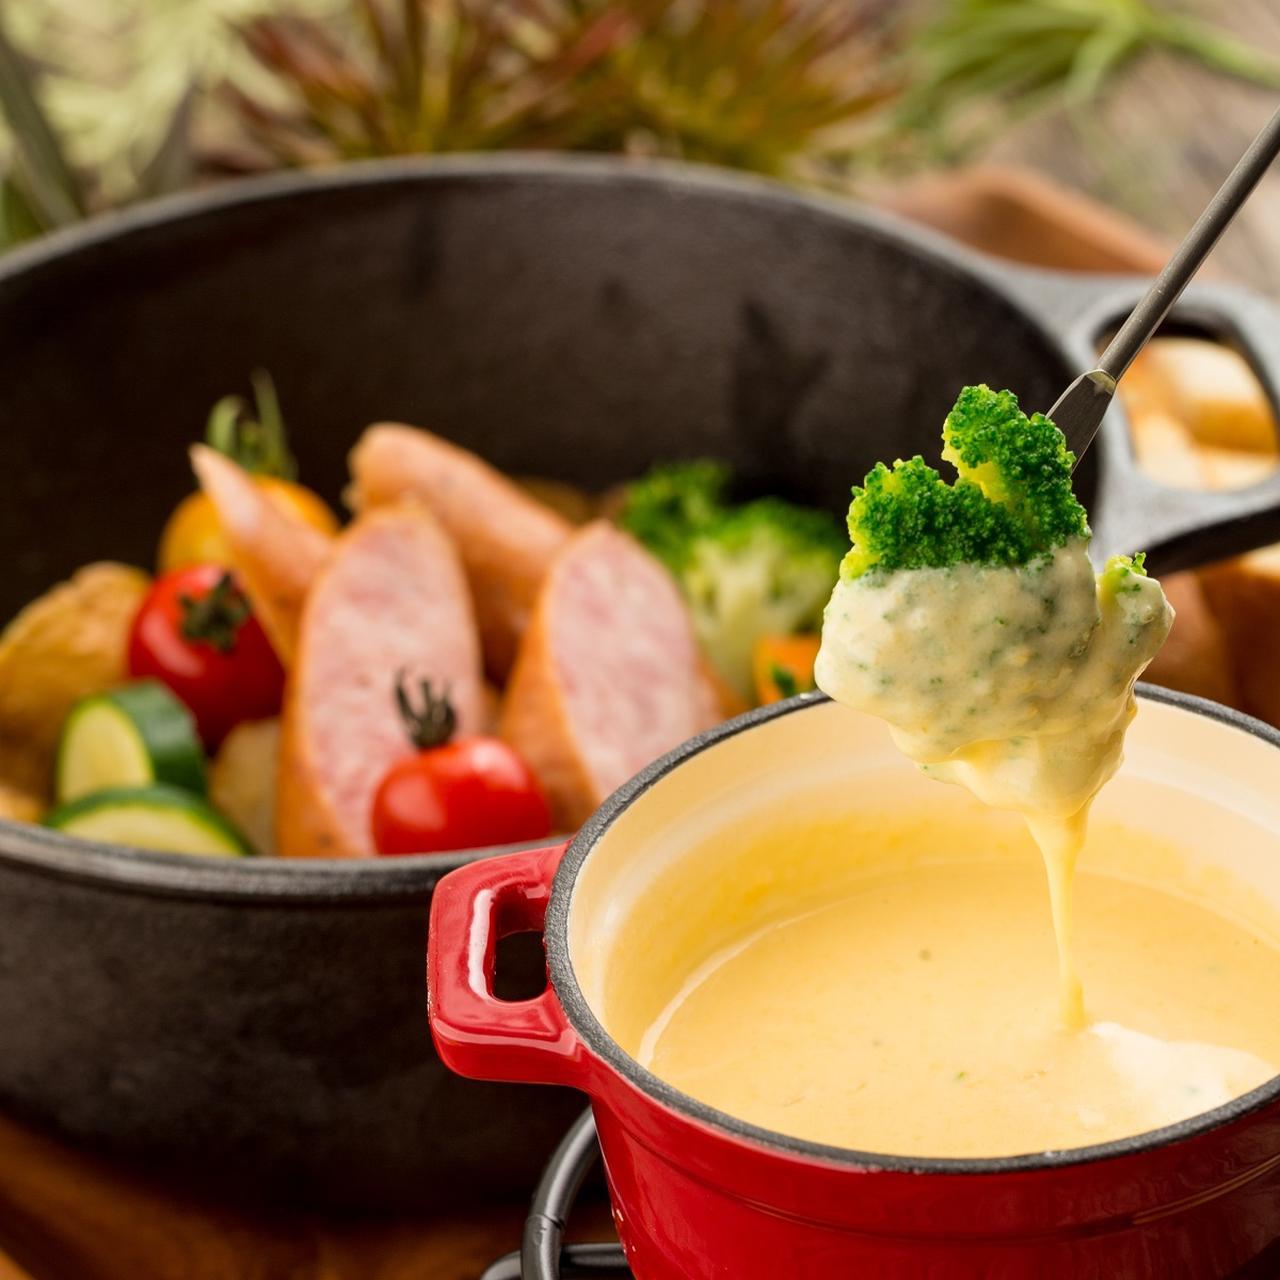 画像1: チーズフォンデュが『980円』で食べ放題!